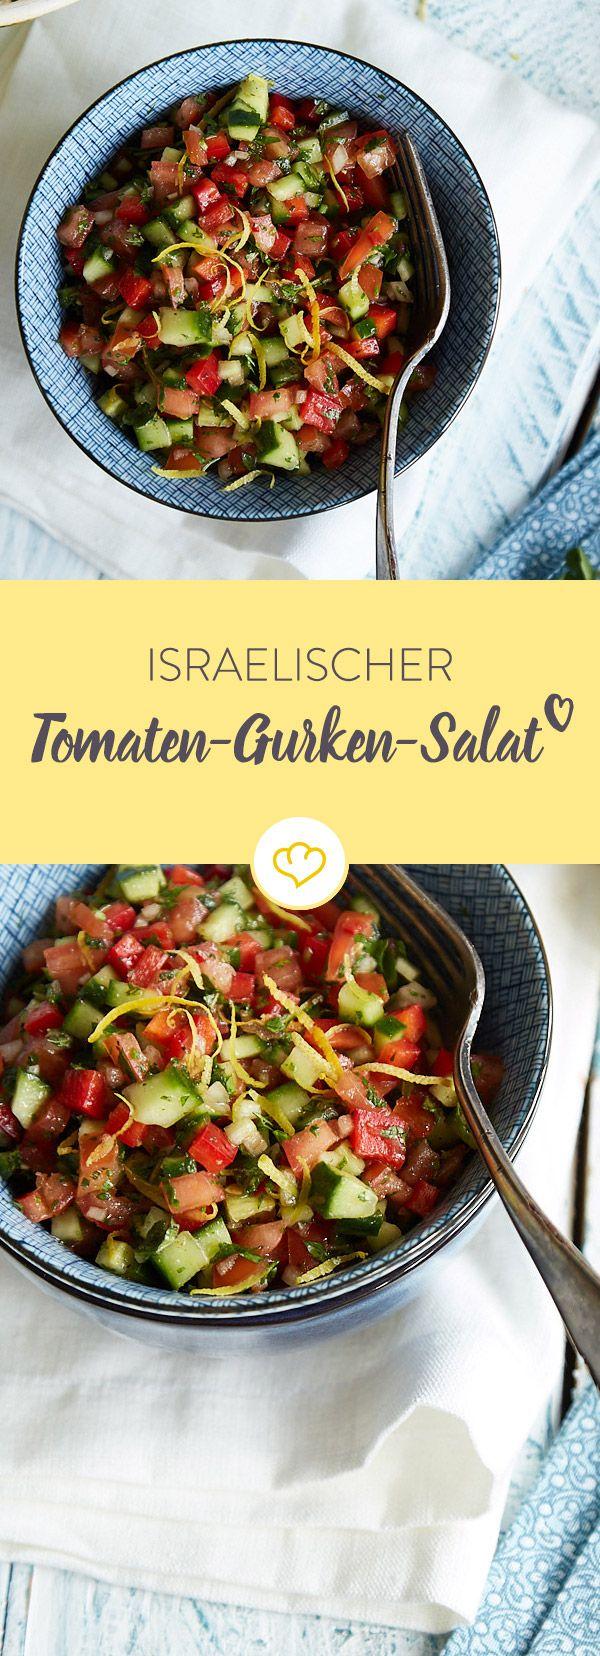 Viel Petersilie, Minze und Koriander geben dem knusprigen Salat sein Aroma …   – Endlich Feierabend – Zeit für Genuss